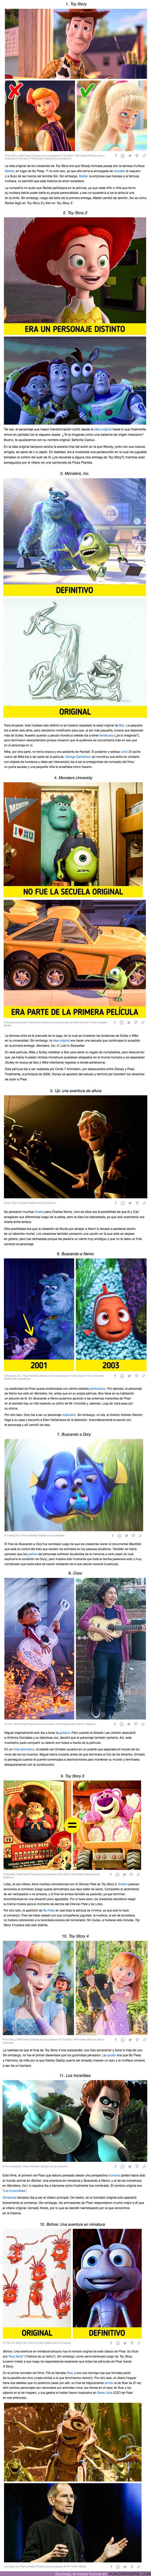 65291 - GALERÍA: 12 Películas de Pixar que serían irreconocibles si hubiesen mantenido las ideas originalmente pensadas